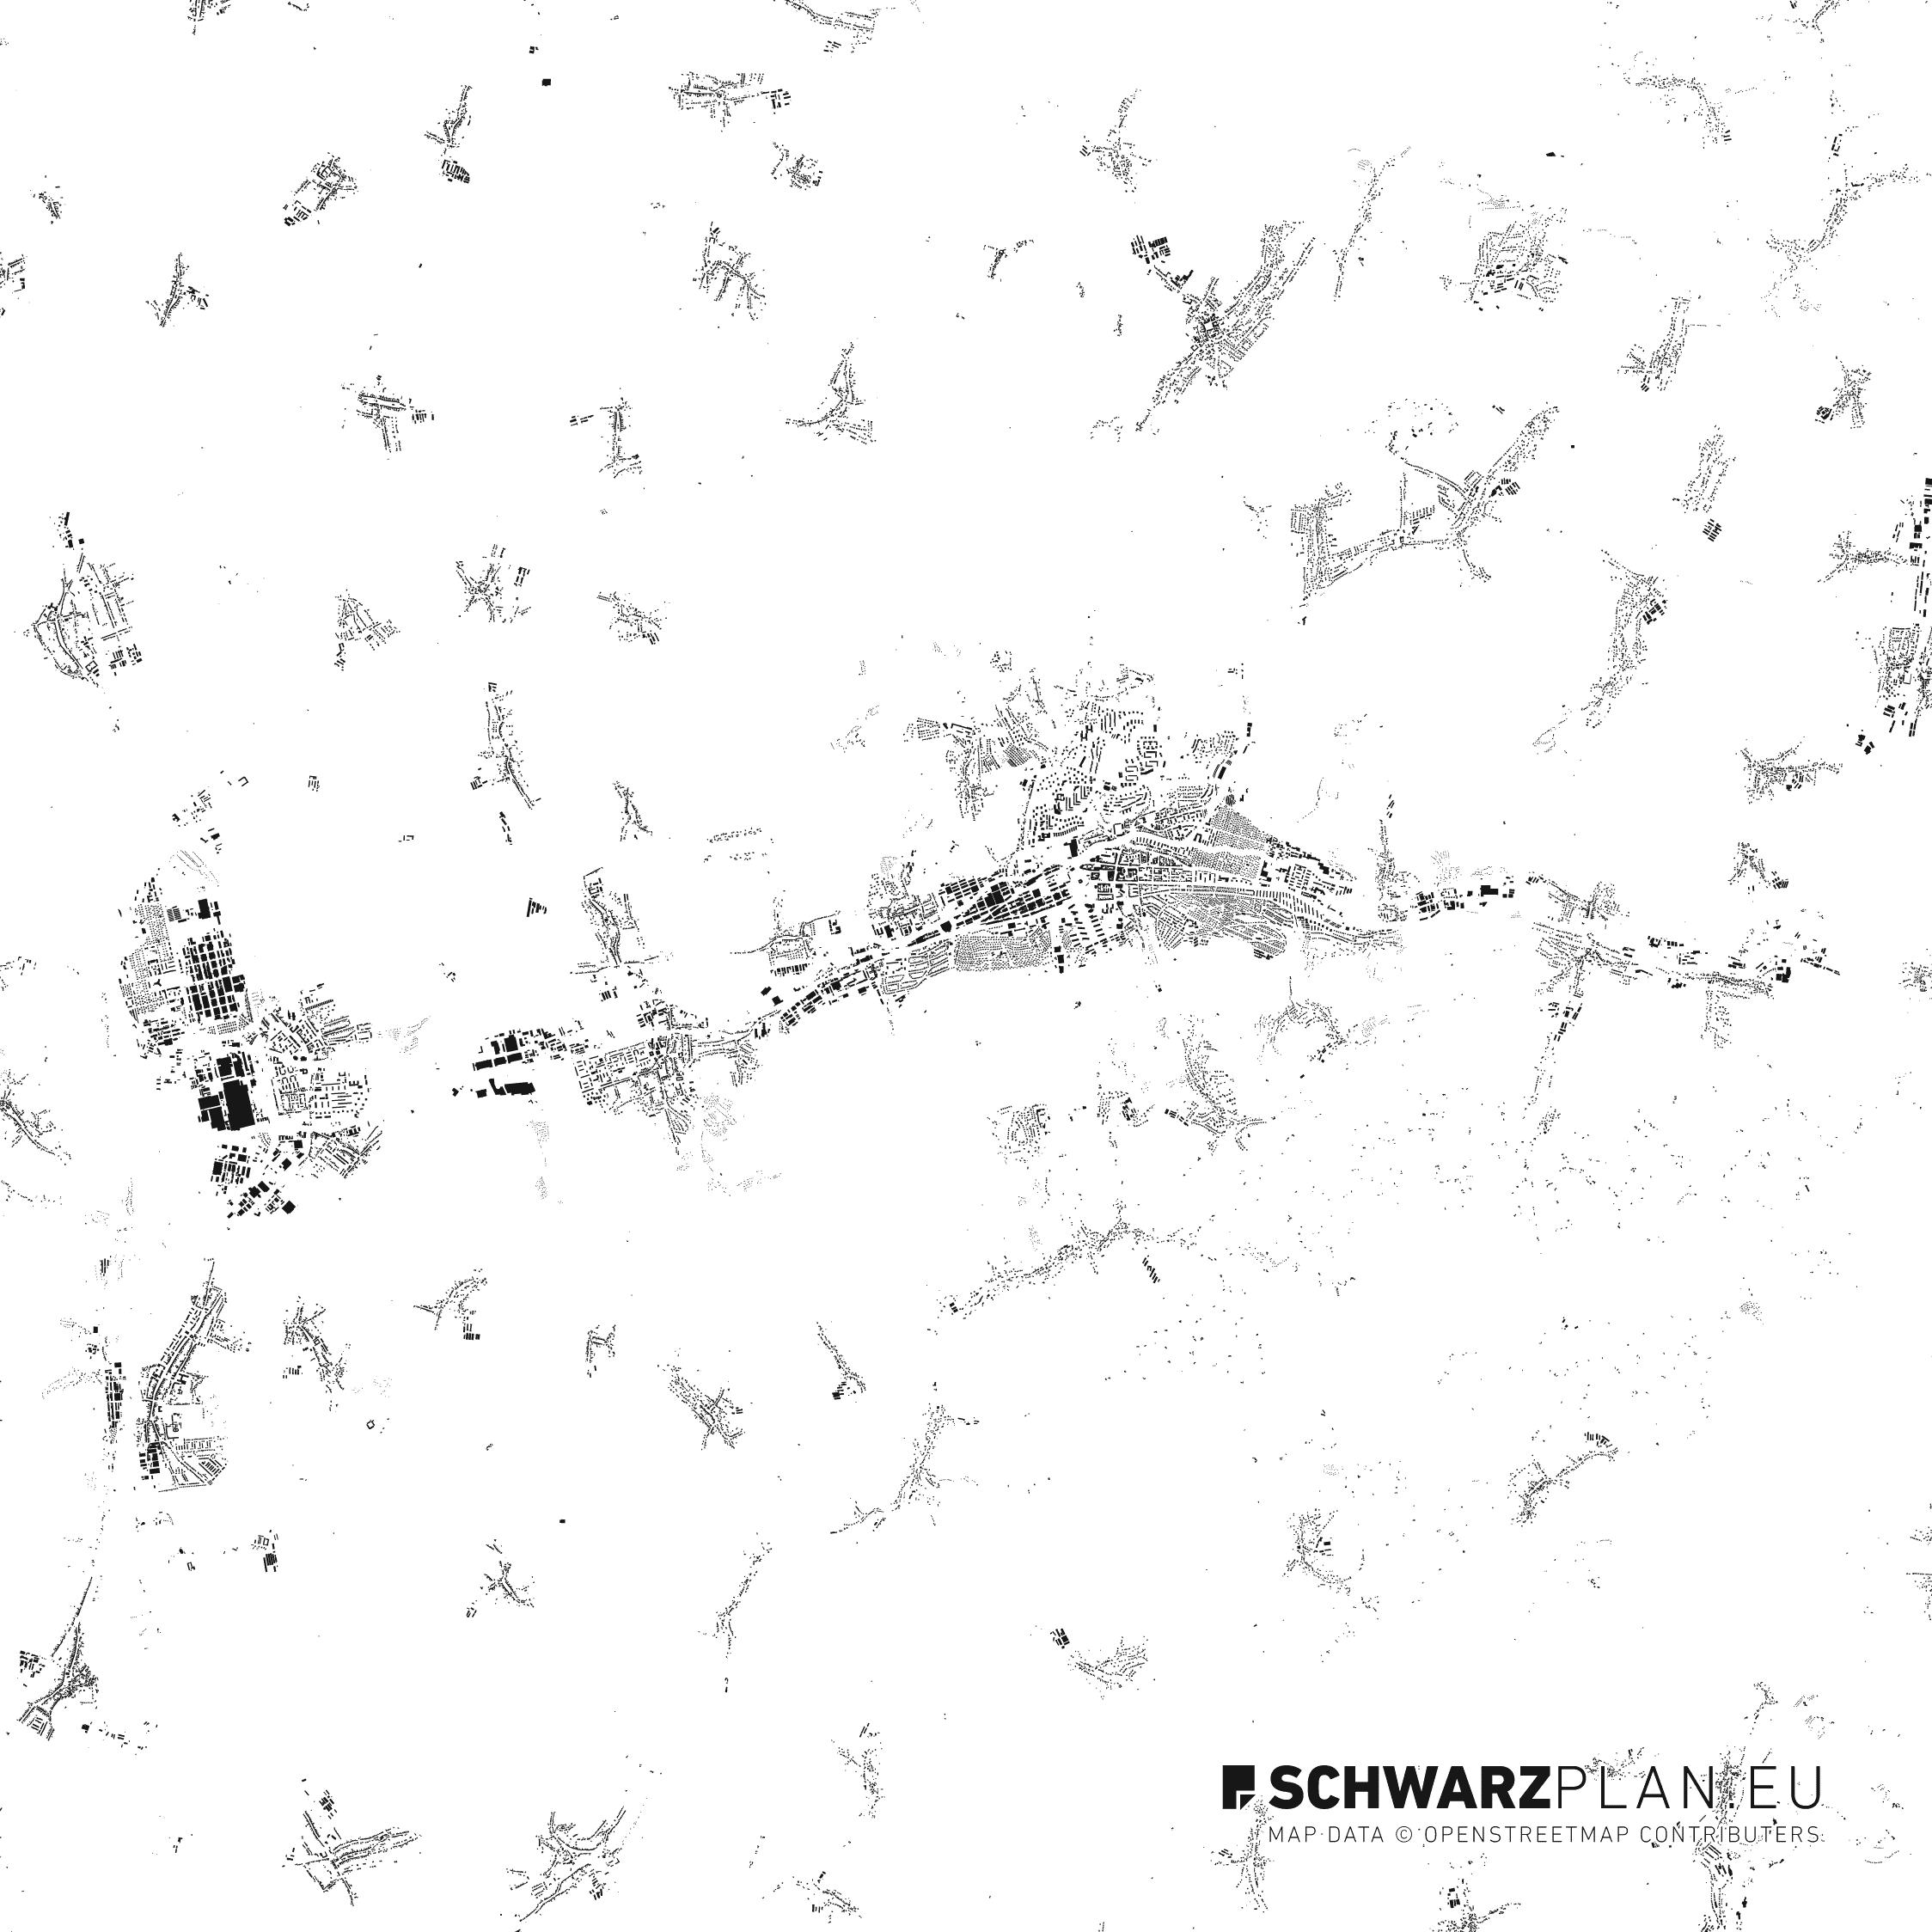 Figure Ground Plan of Zlin